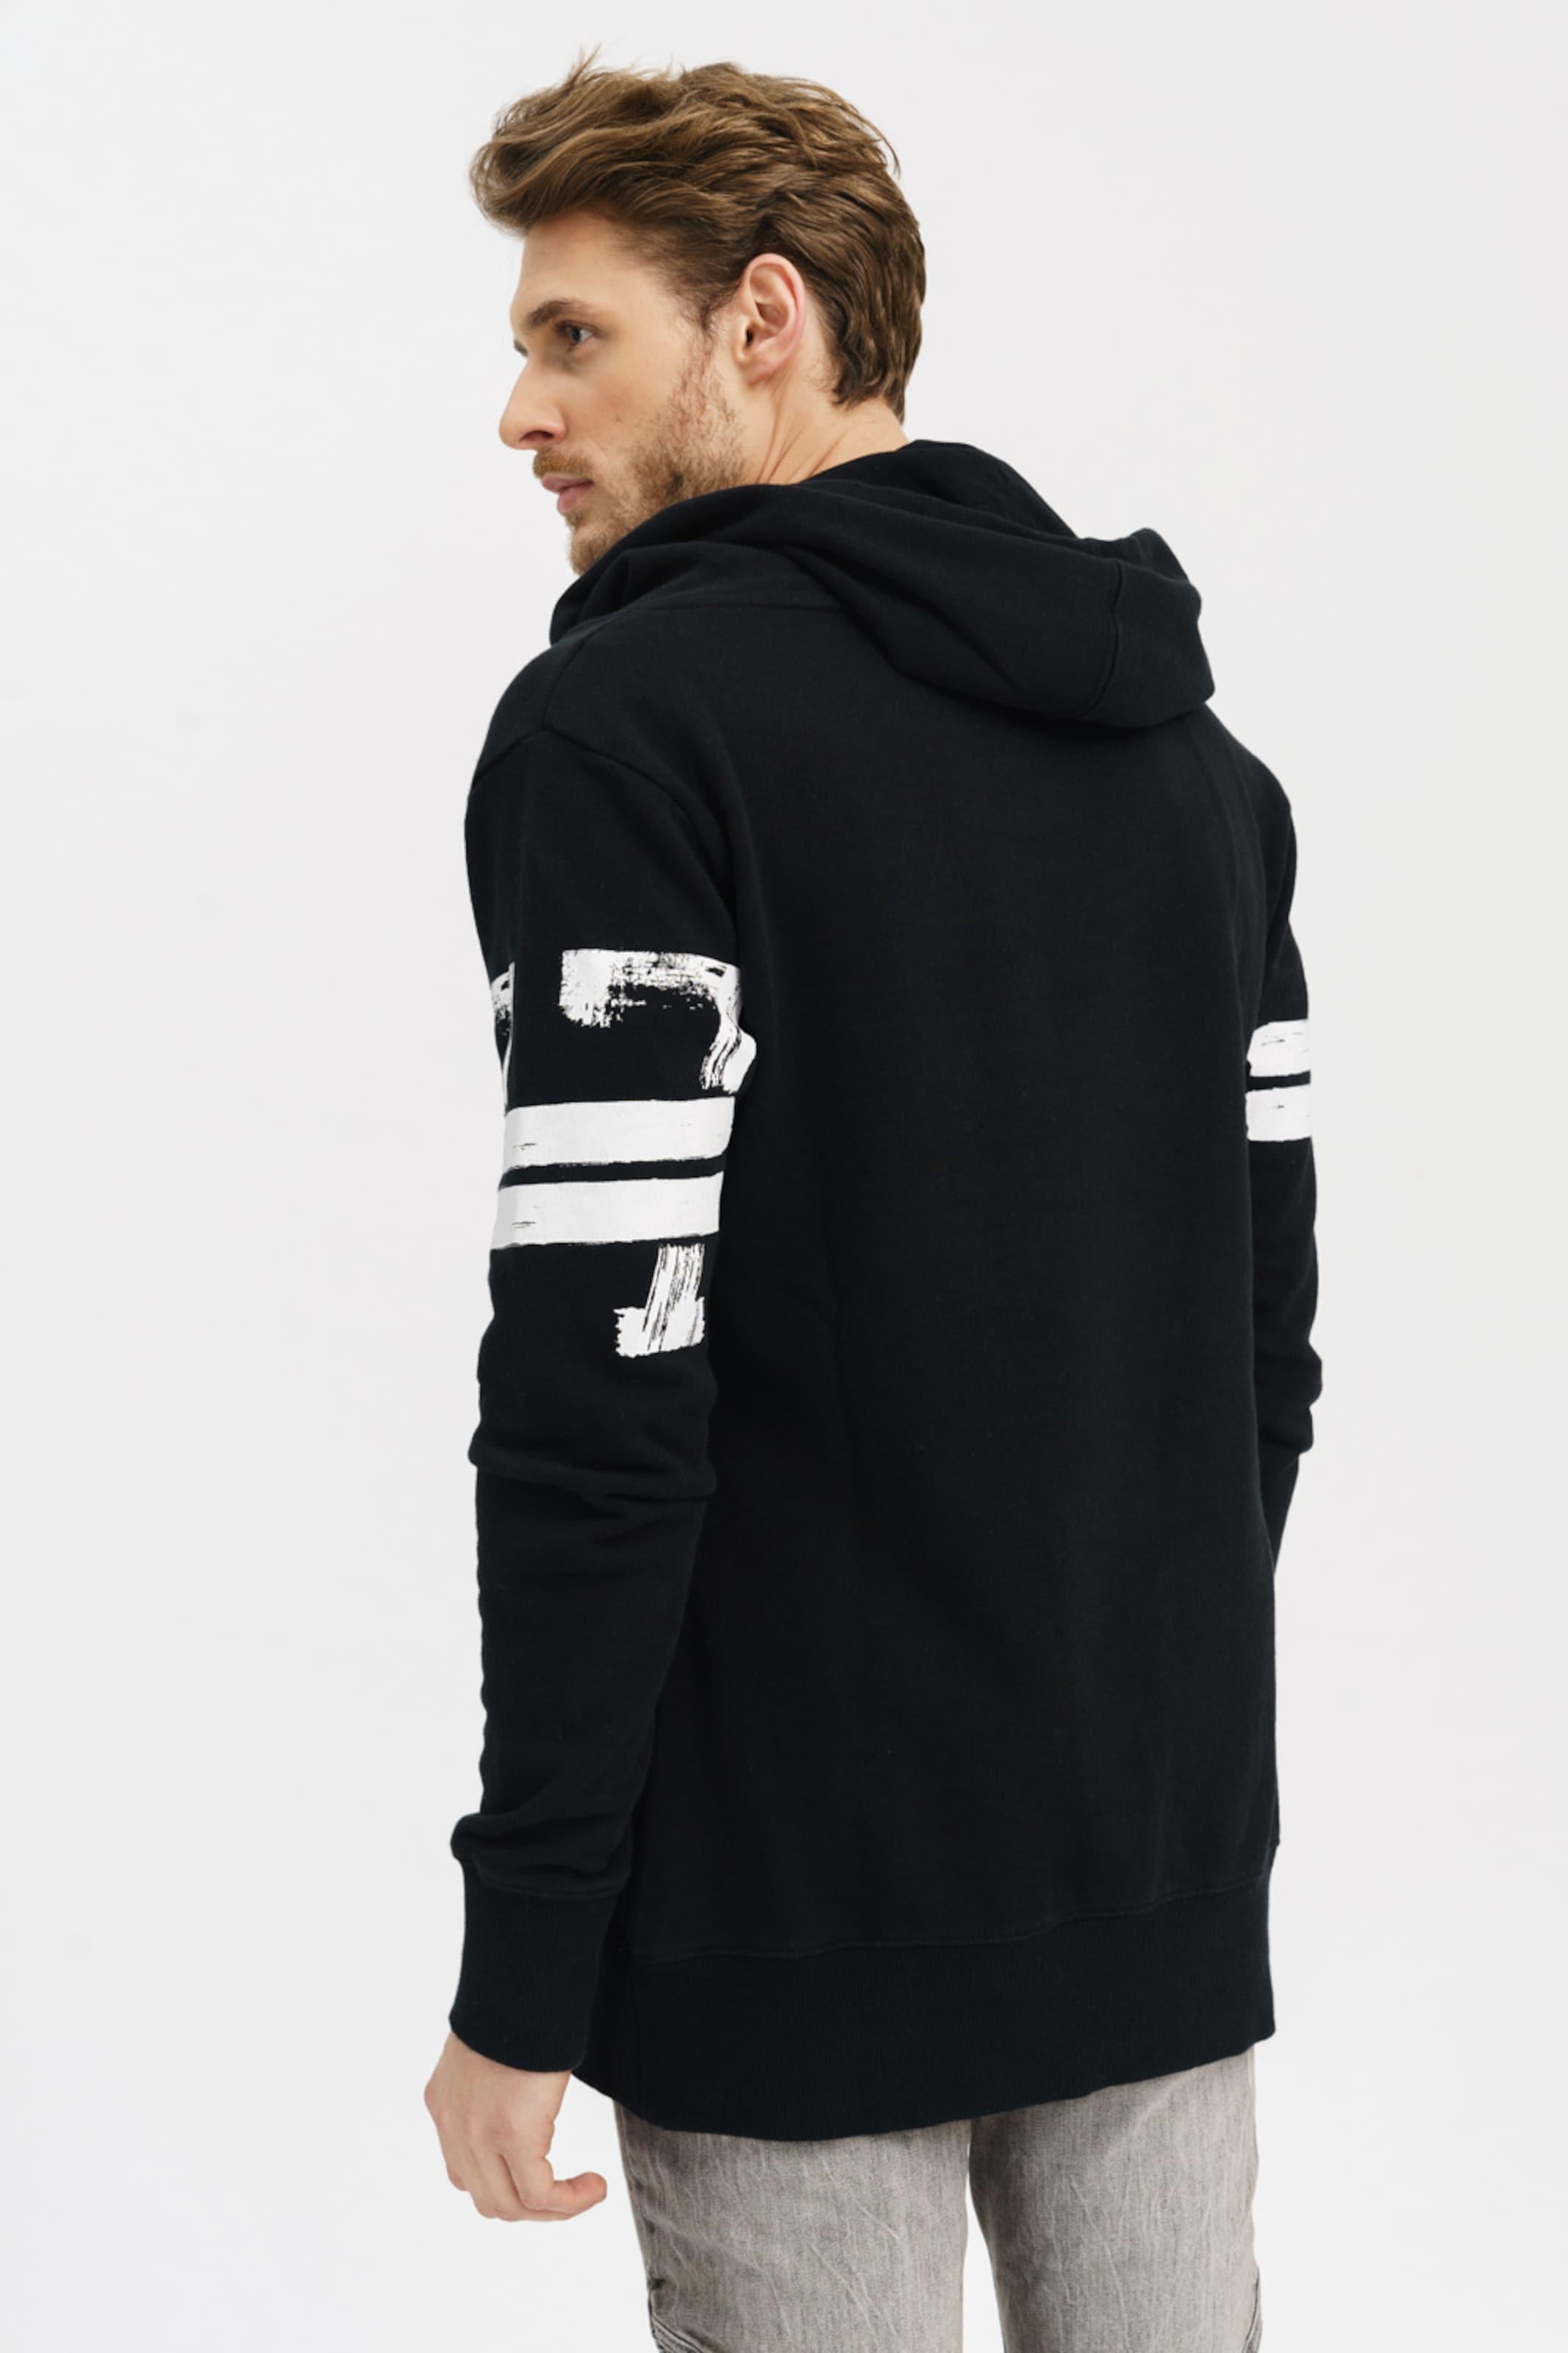 In 'davos' In SchwarzWeiß Trueprodigy 'davos' Kapuzensweater Trueprodigy Kapuzensweater tsQhrd